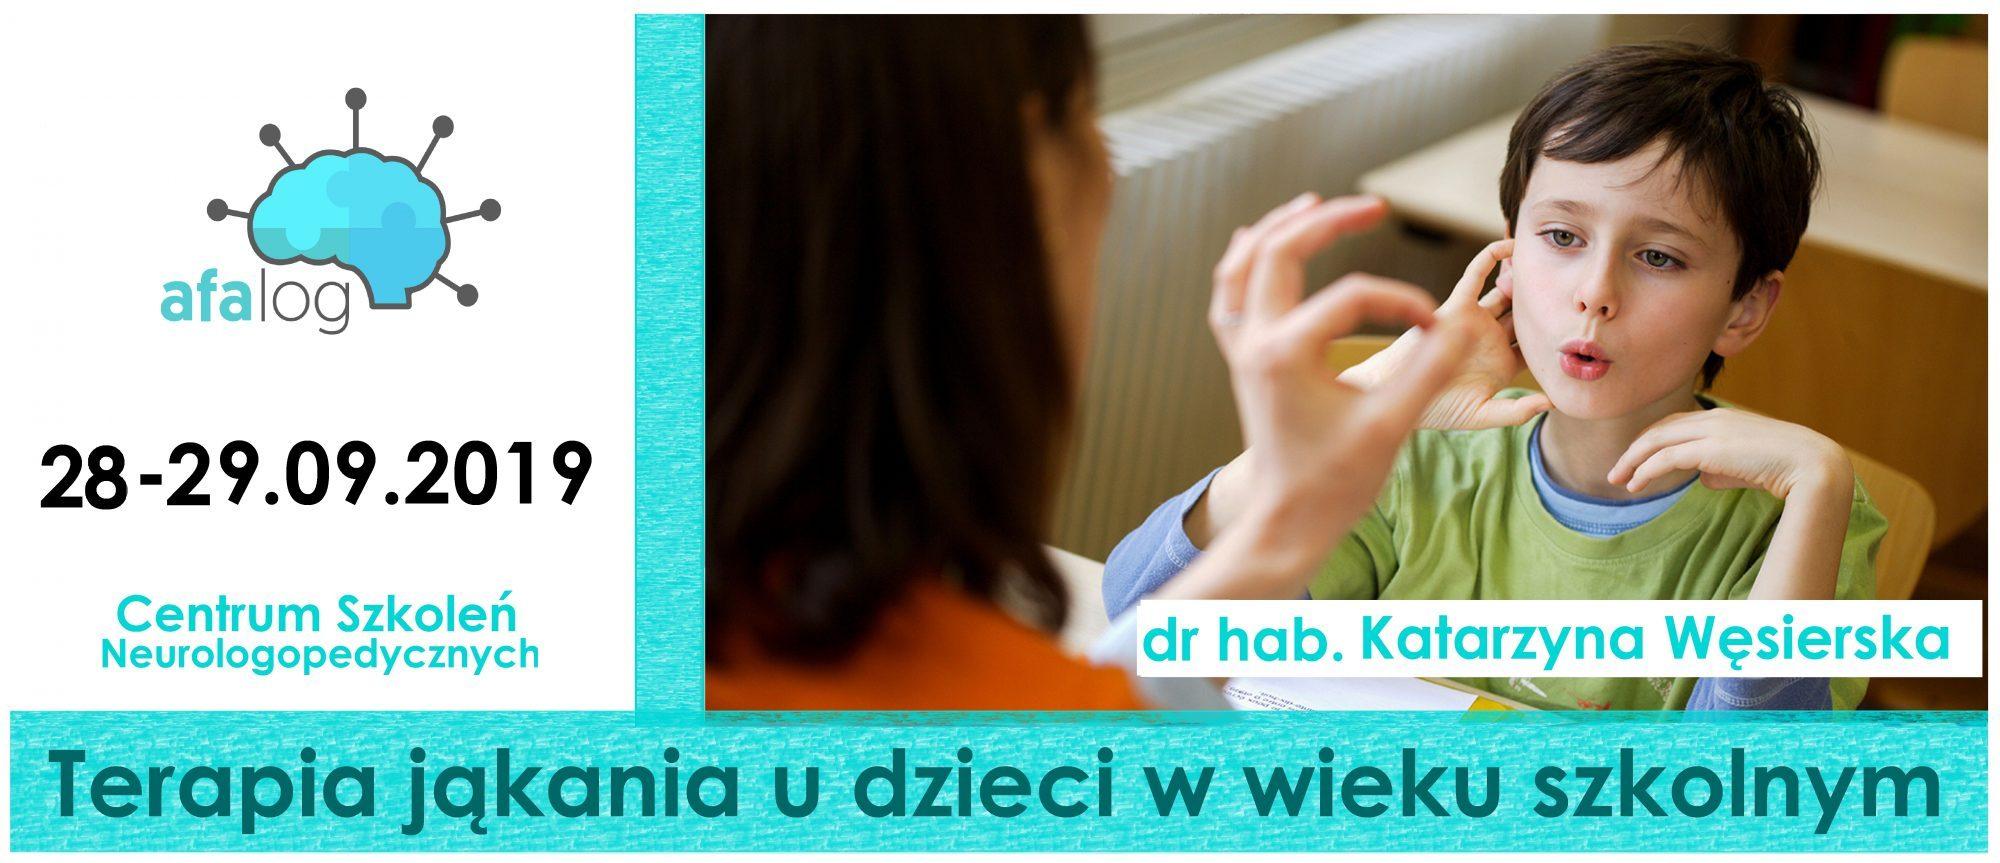 Terapia jąkania w praktyce z dr hab. Katarzyną Węsierską